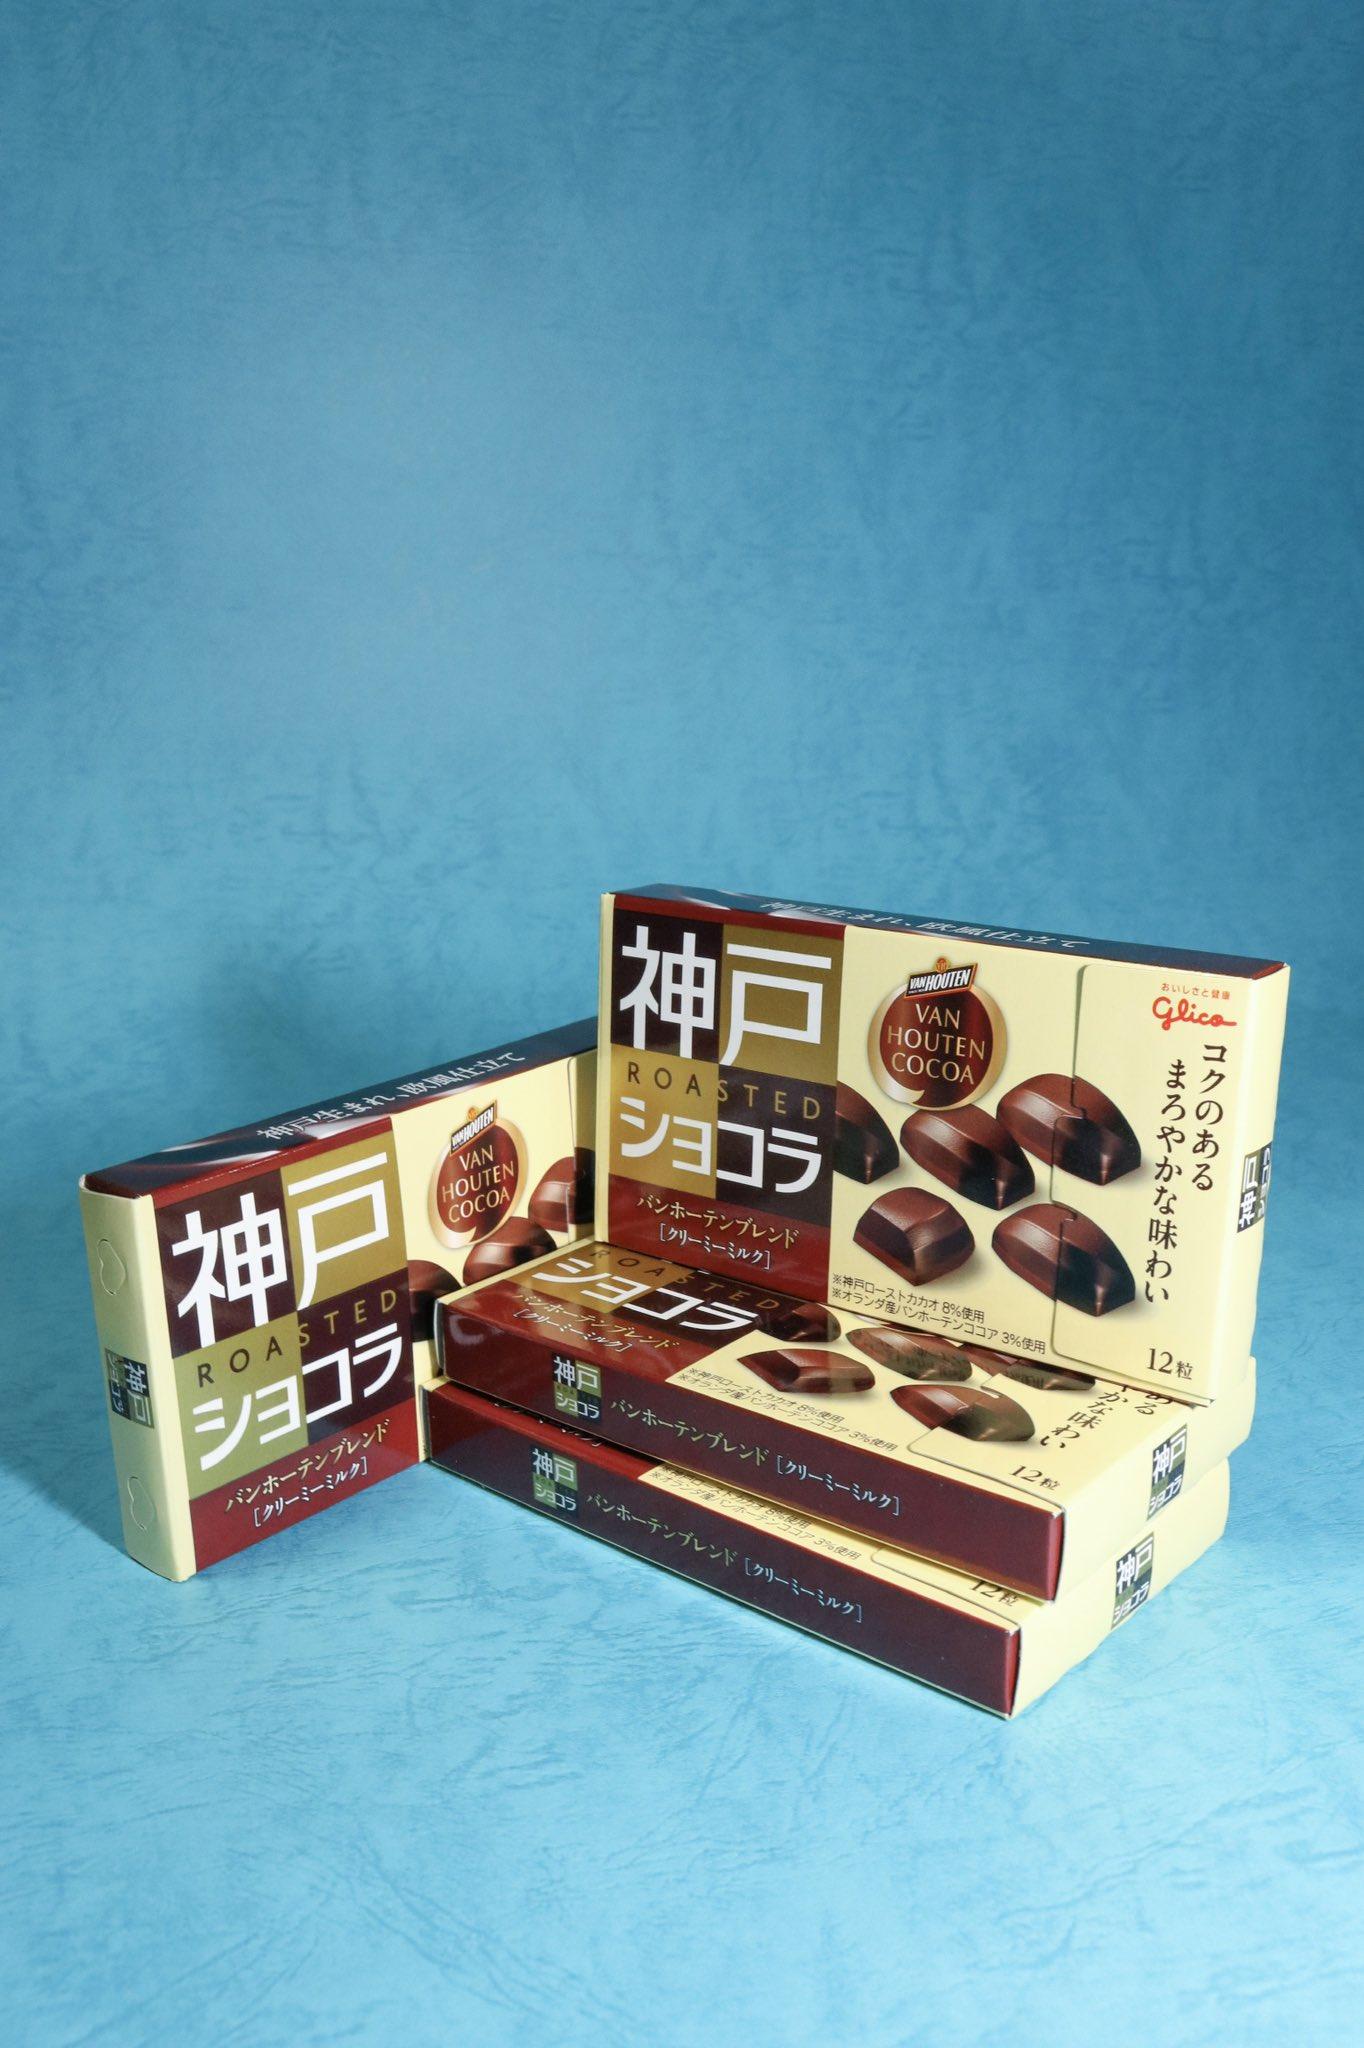 神戸ローストショコラの空箱で工作しました!